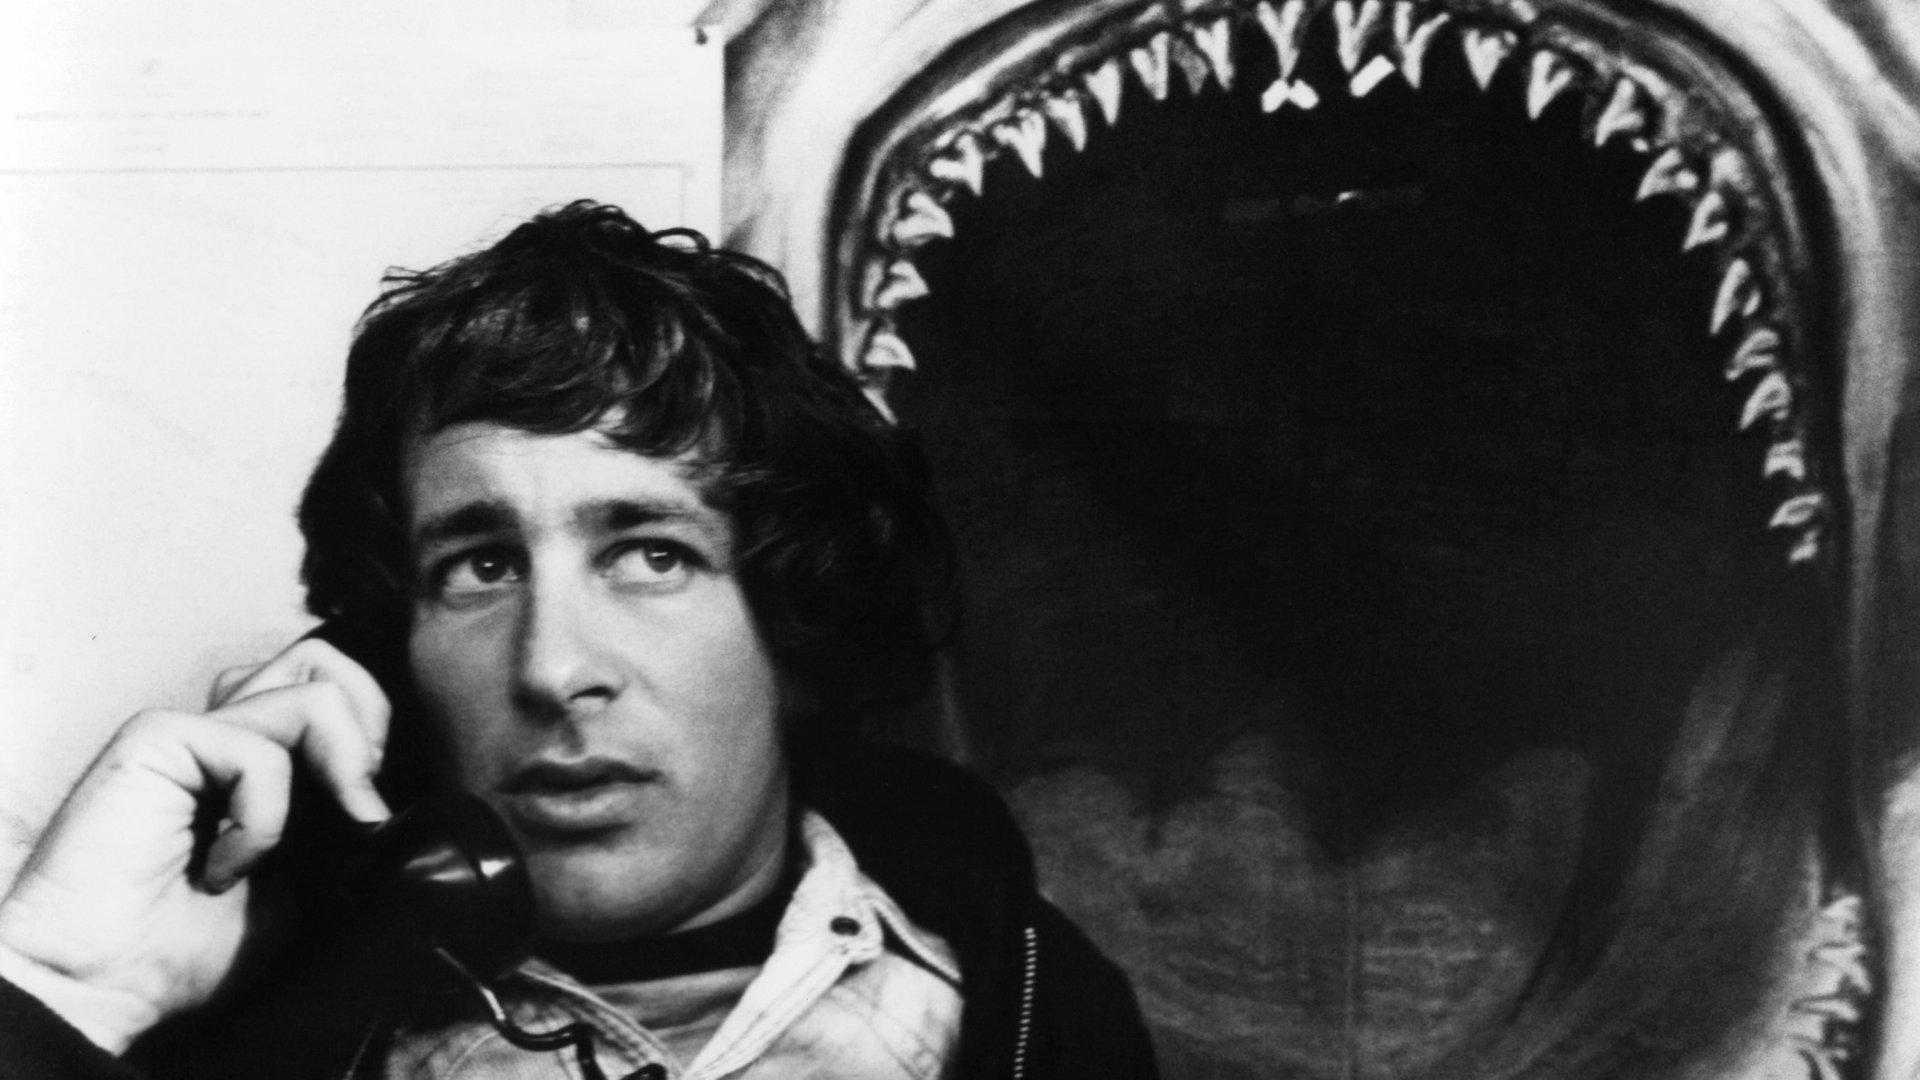 Stephen Spielberg.